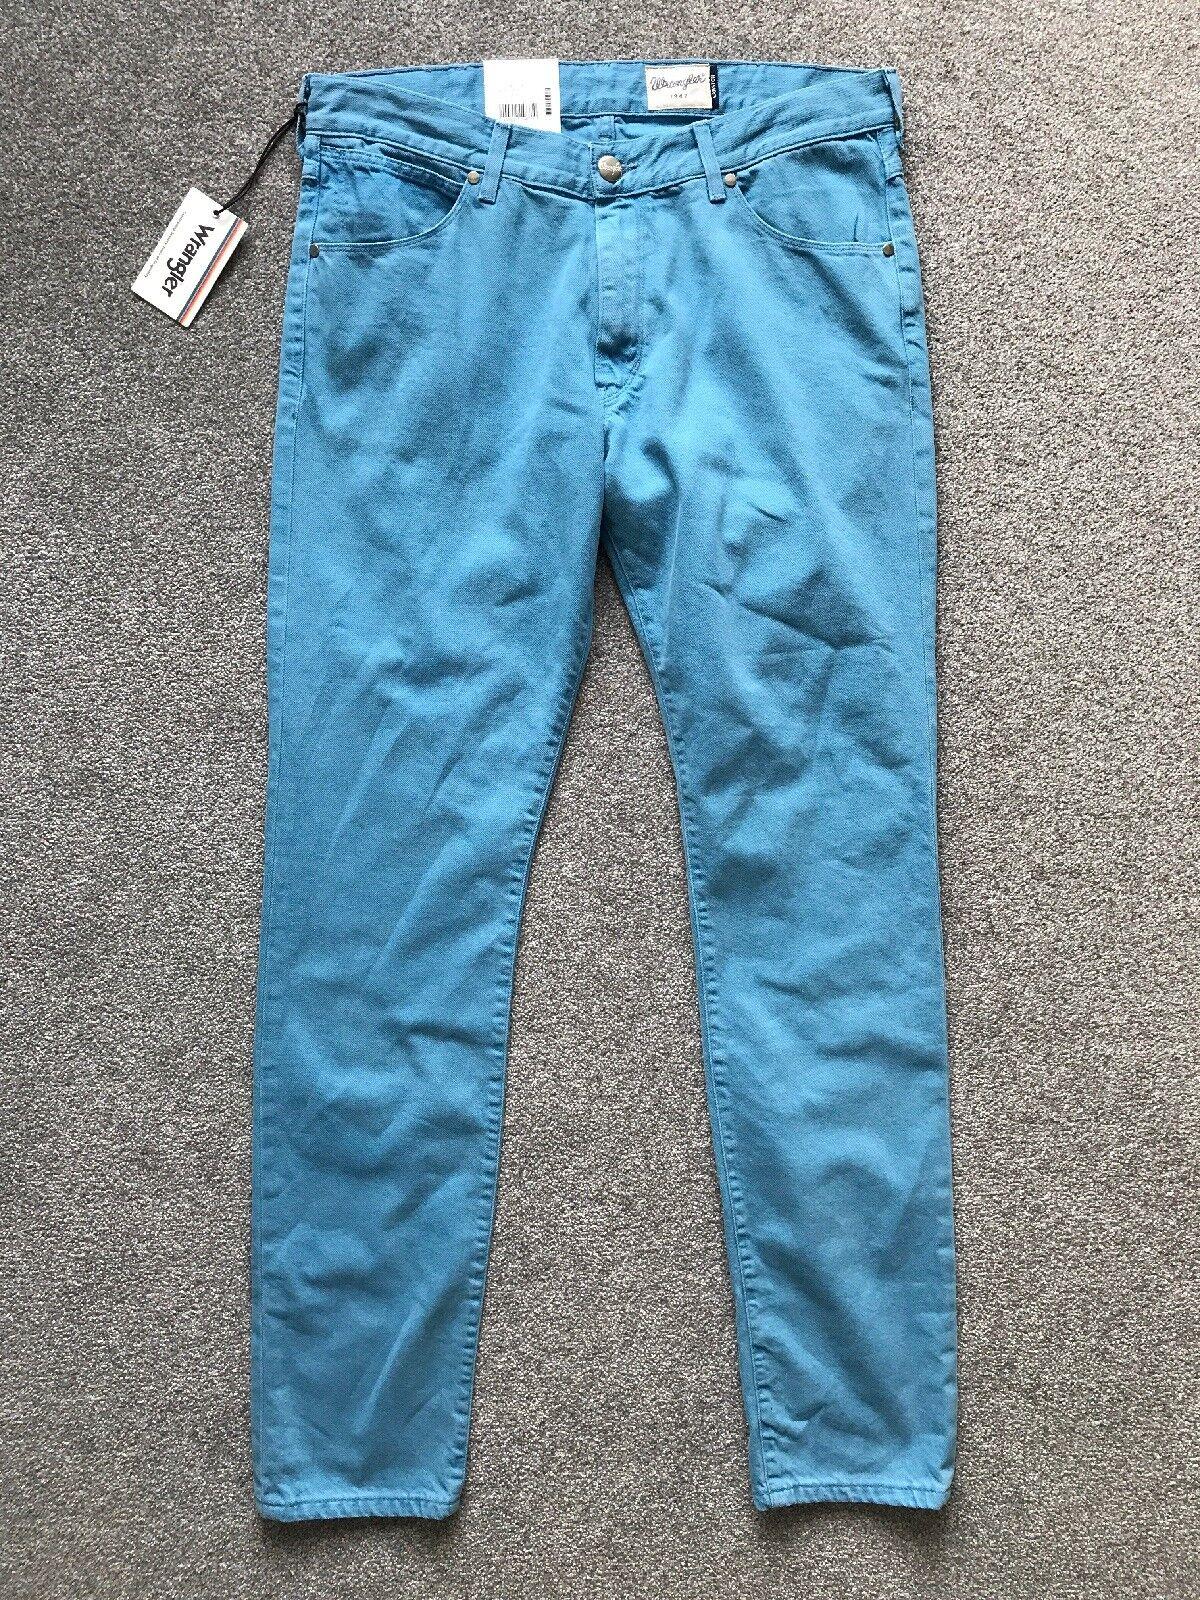 WRANGLER LARSTON Slim Fit Taperot Jeans Men Vintage Blau Denim W34 L34 NEW BNWT    Charakteristisch    eine große Vielfalt    Ausreichende Versorgung